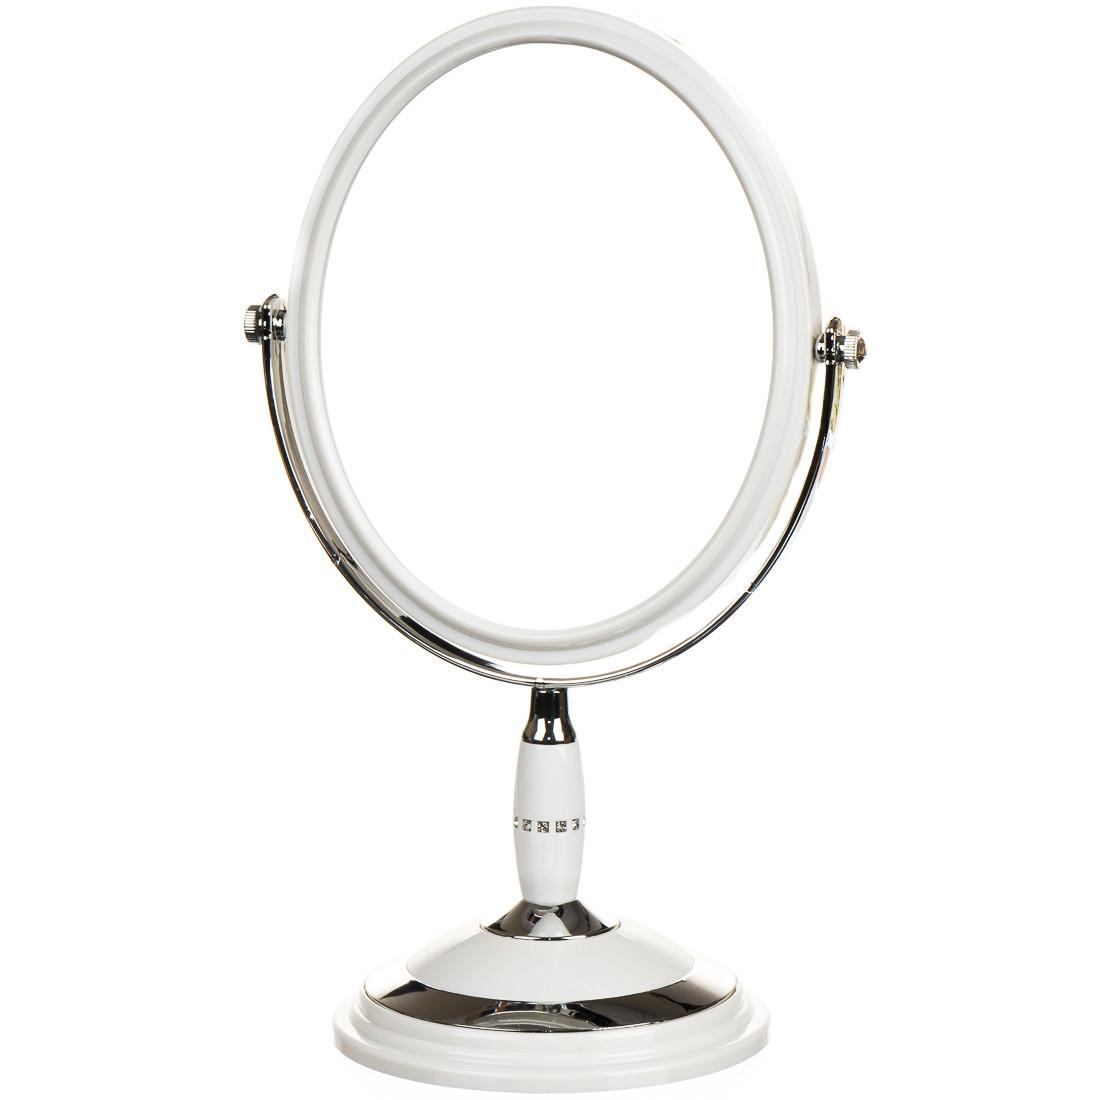 Зеркало косметическое со стразами  двухстороннее с увеличением 15*22*33см (0500-007)